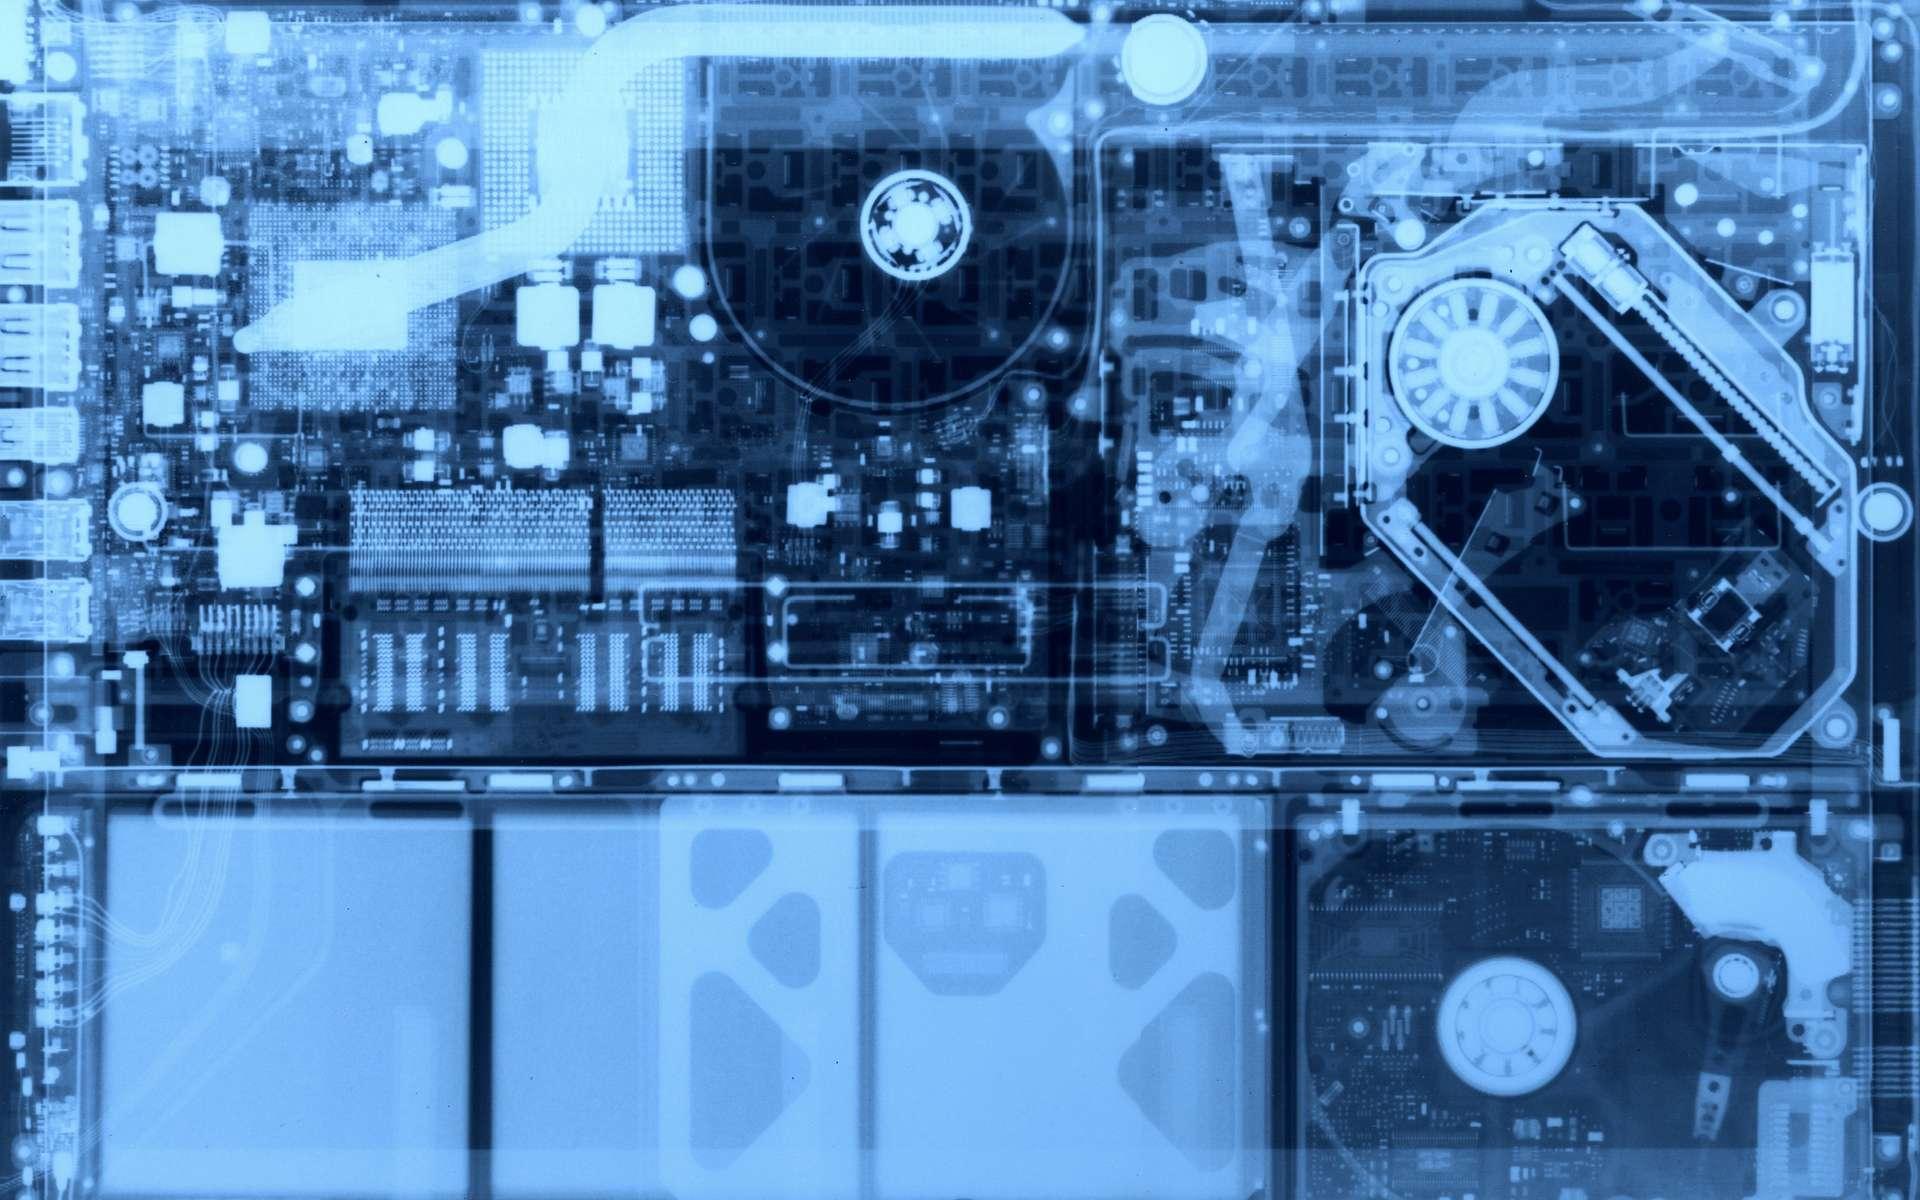 Les rayons X ne sont pas seulement utilisés dans le secteur de l'imagerie médicale. Leur production sert aussi aux systèmes de sécurité. © Ai.Comput'In, Flickr, CC by-nc-nd 2.0